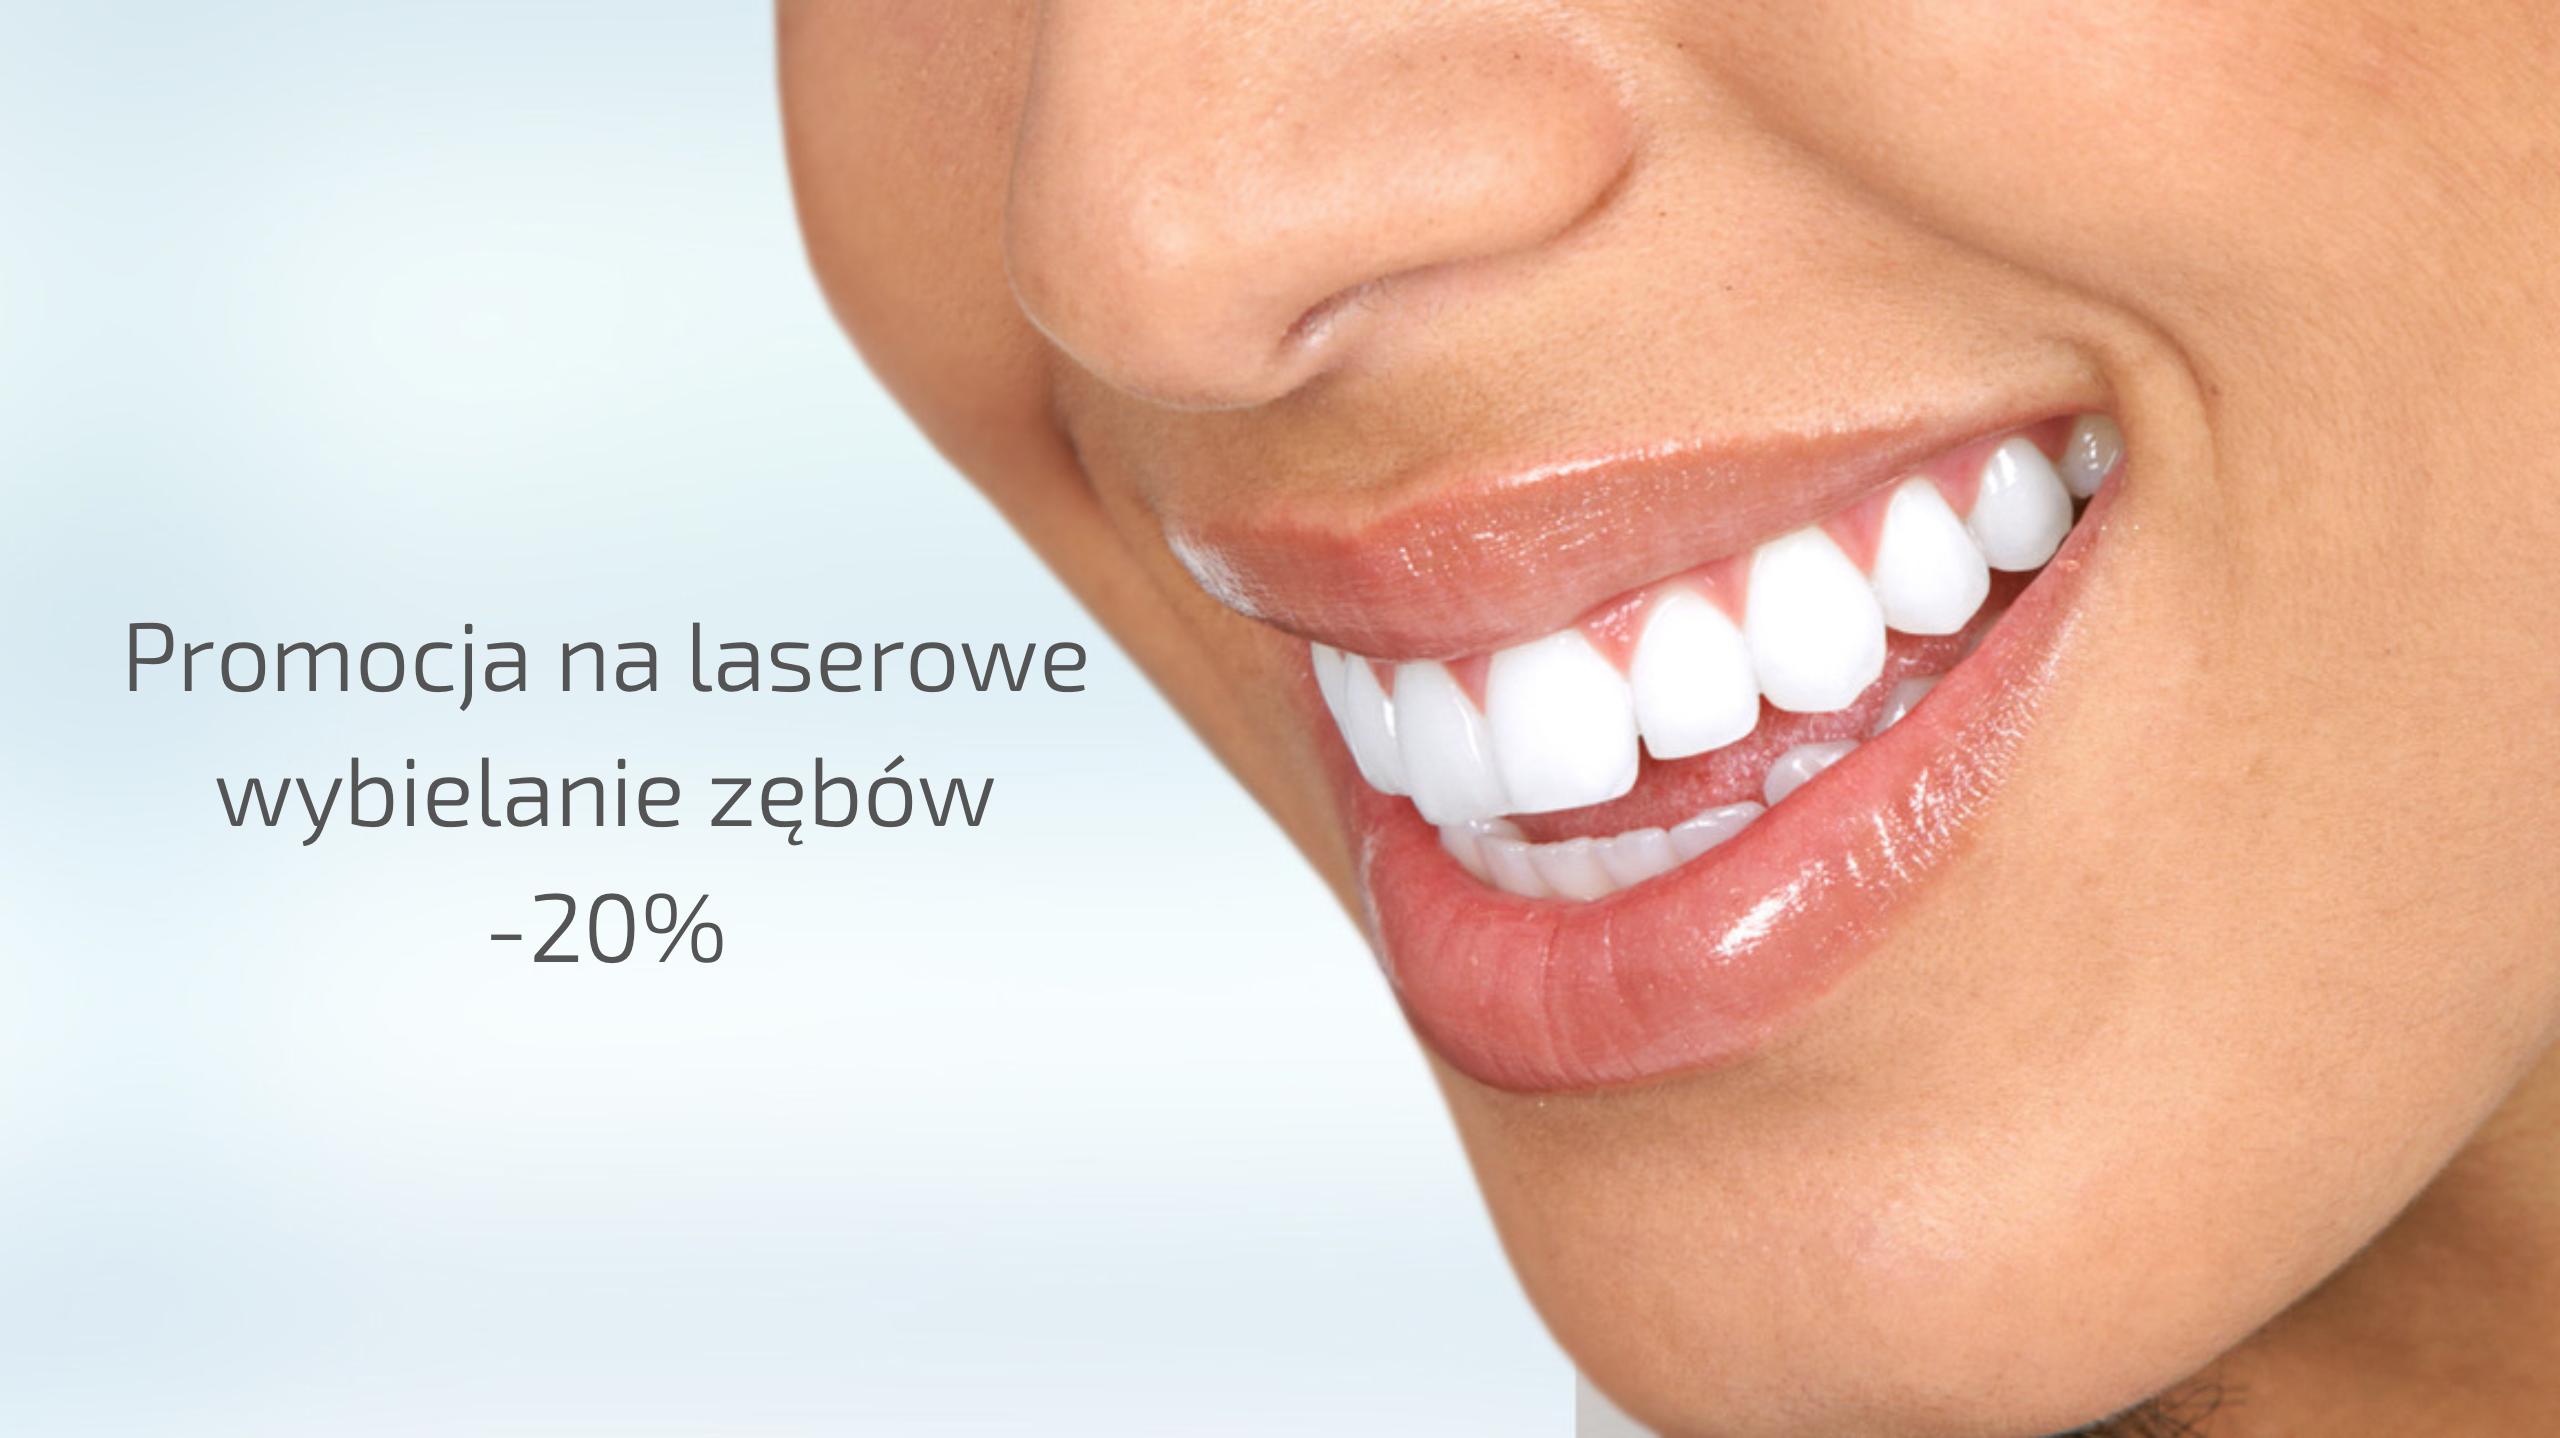 Piękne Zęby – Promocja na laserowe wybielanie zębów